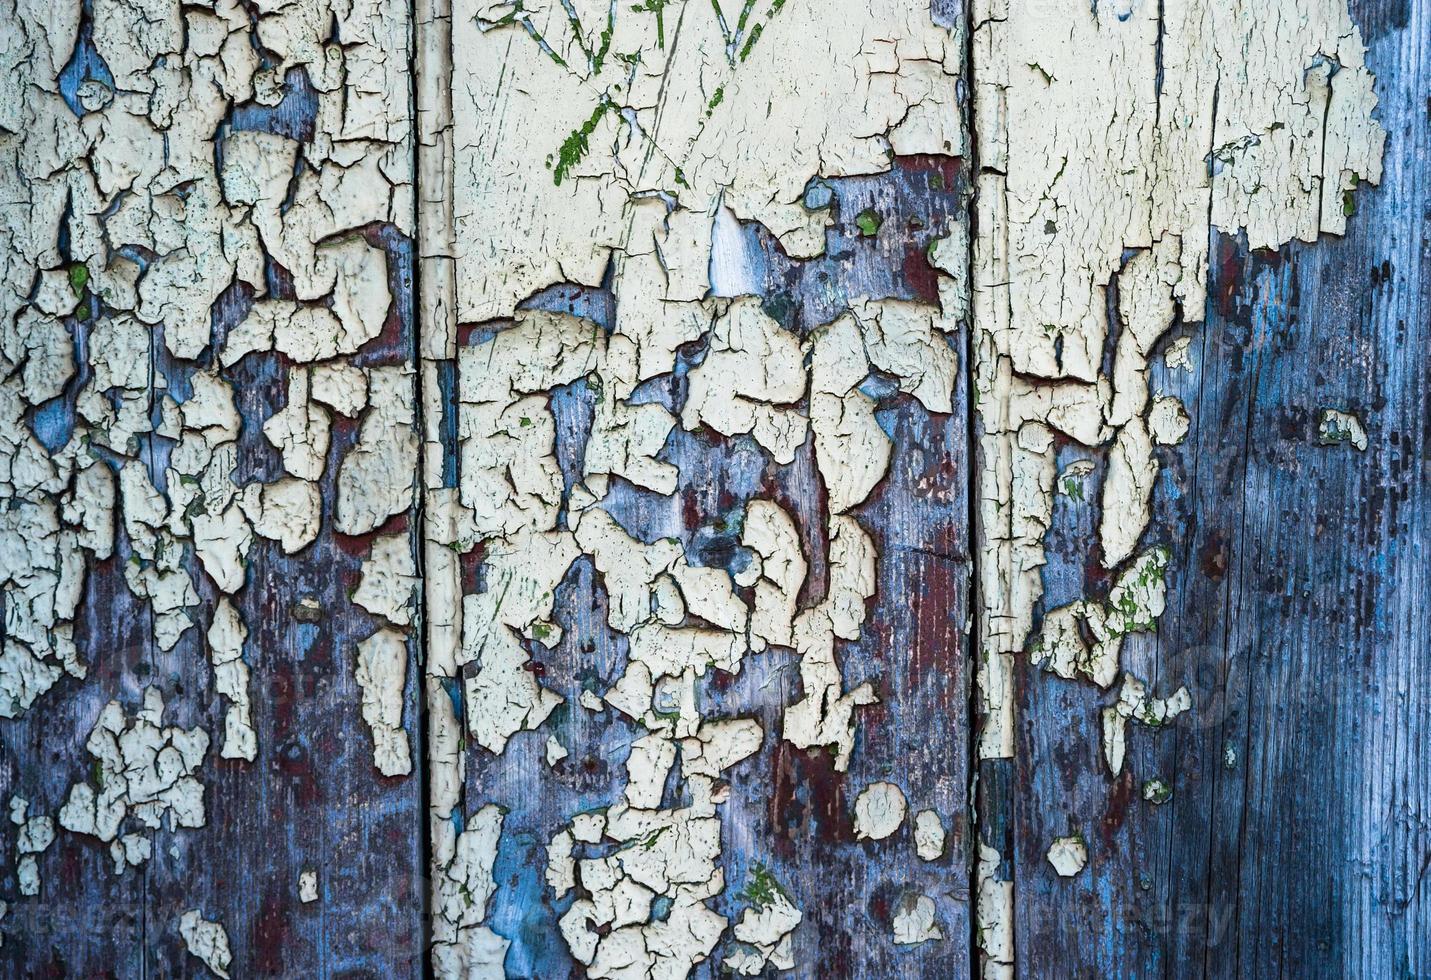 oude gebarsten verf textuur achtergrond foto